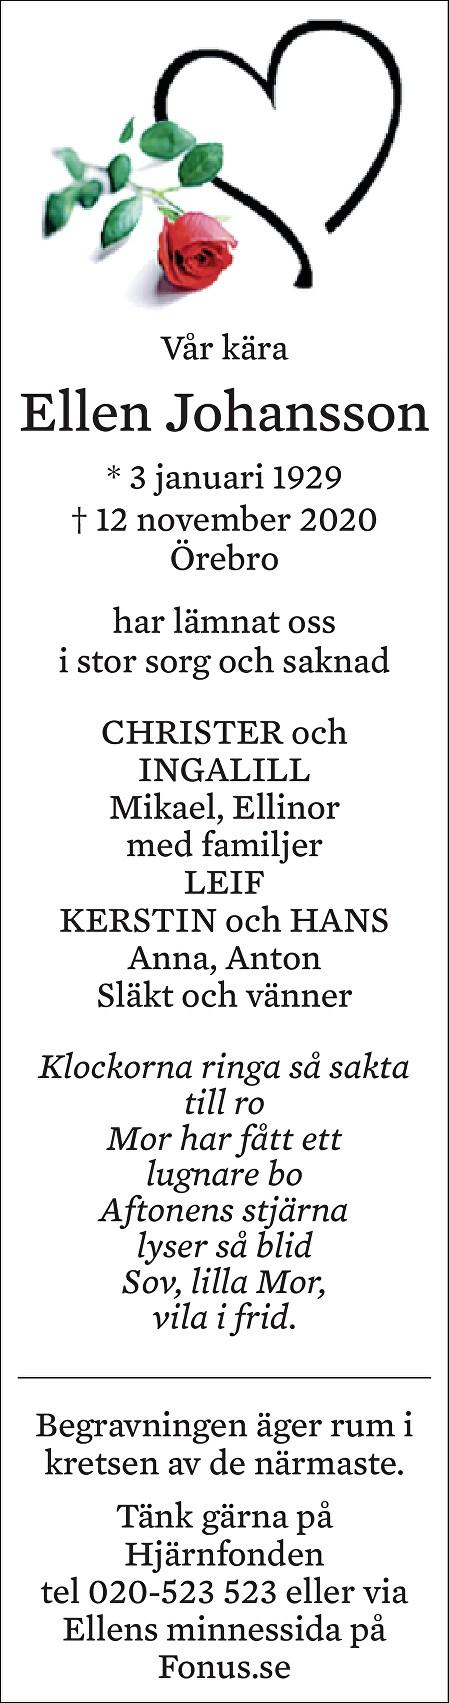 Ellen Johansson Death notice